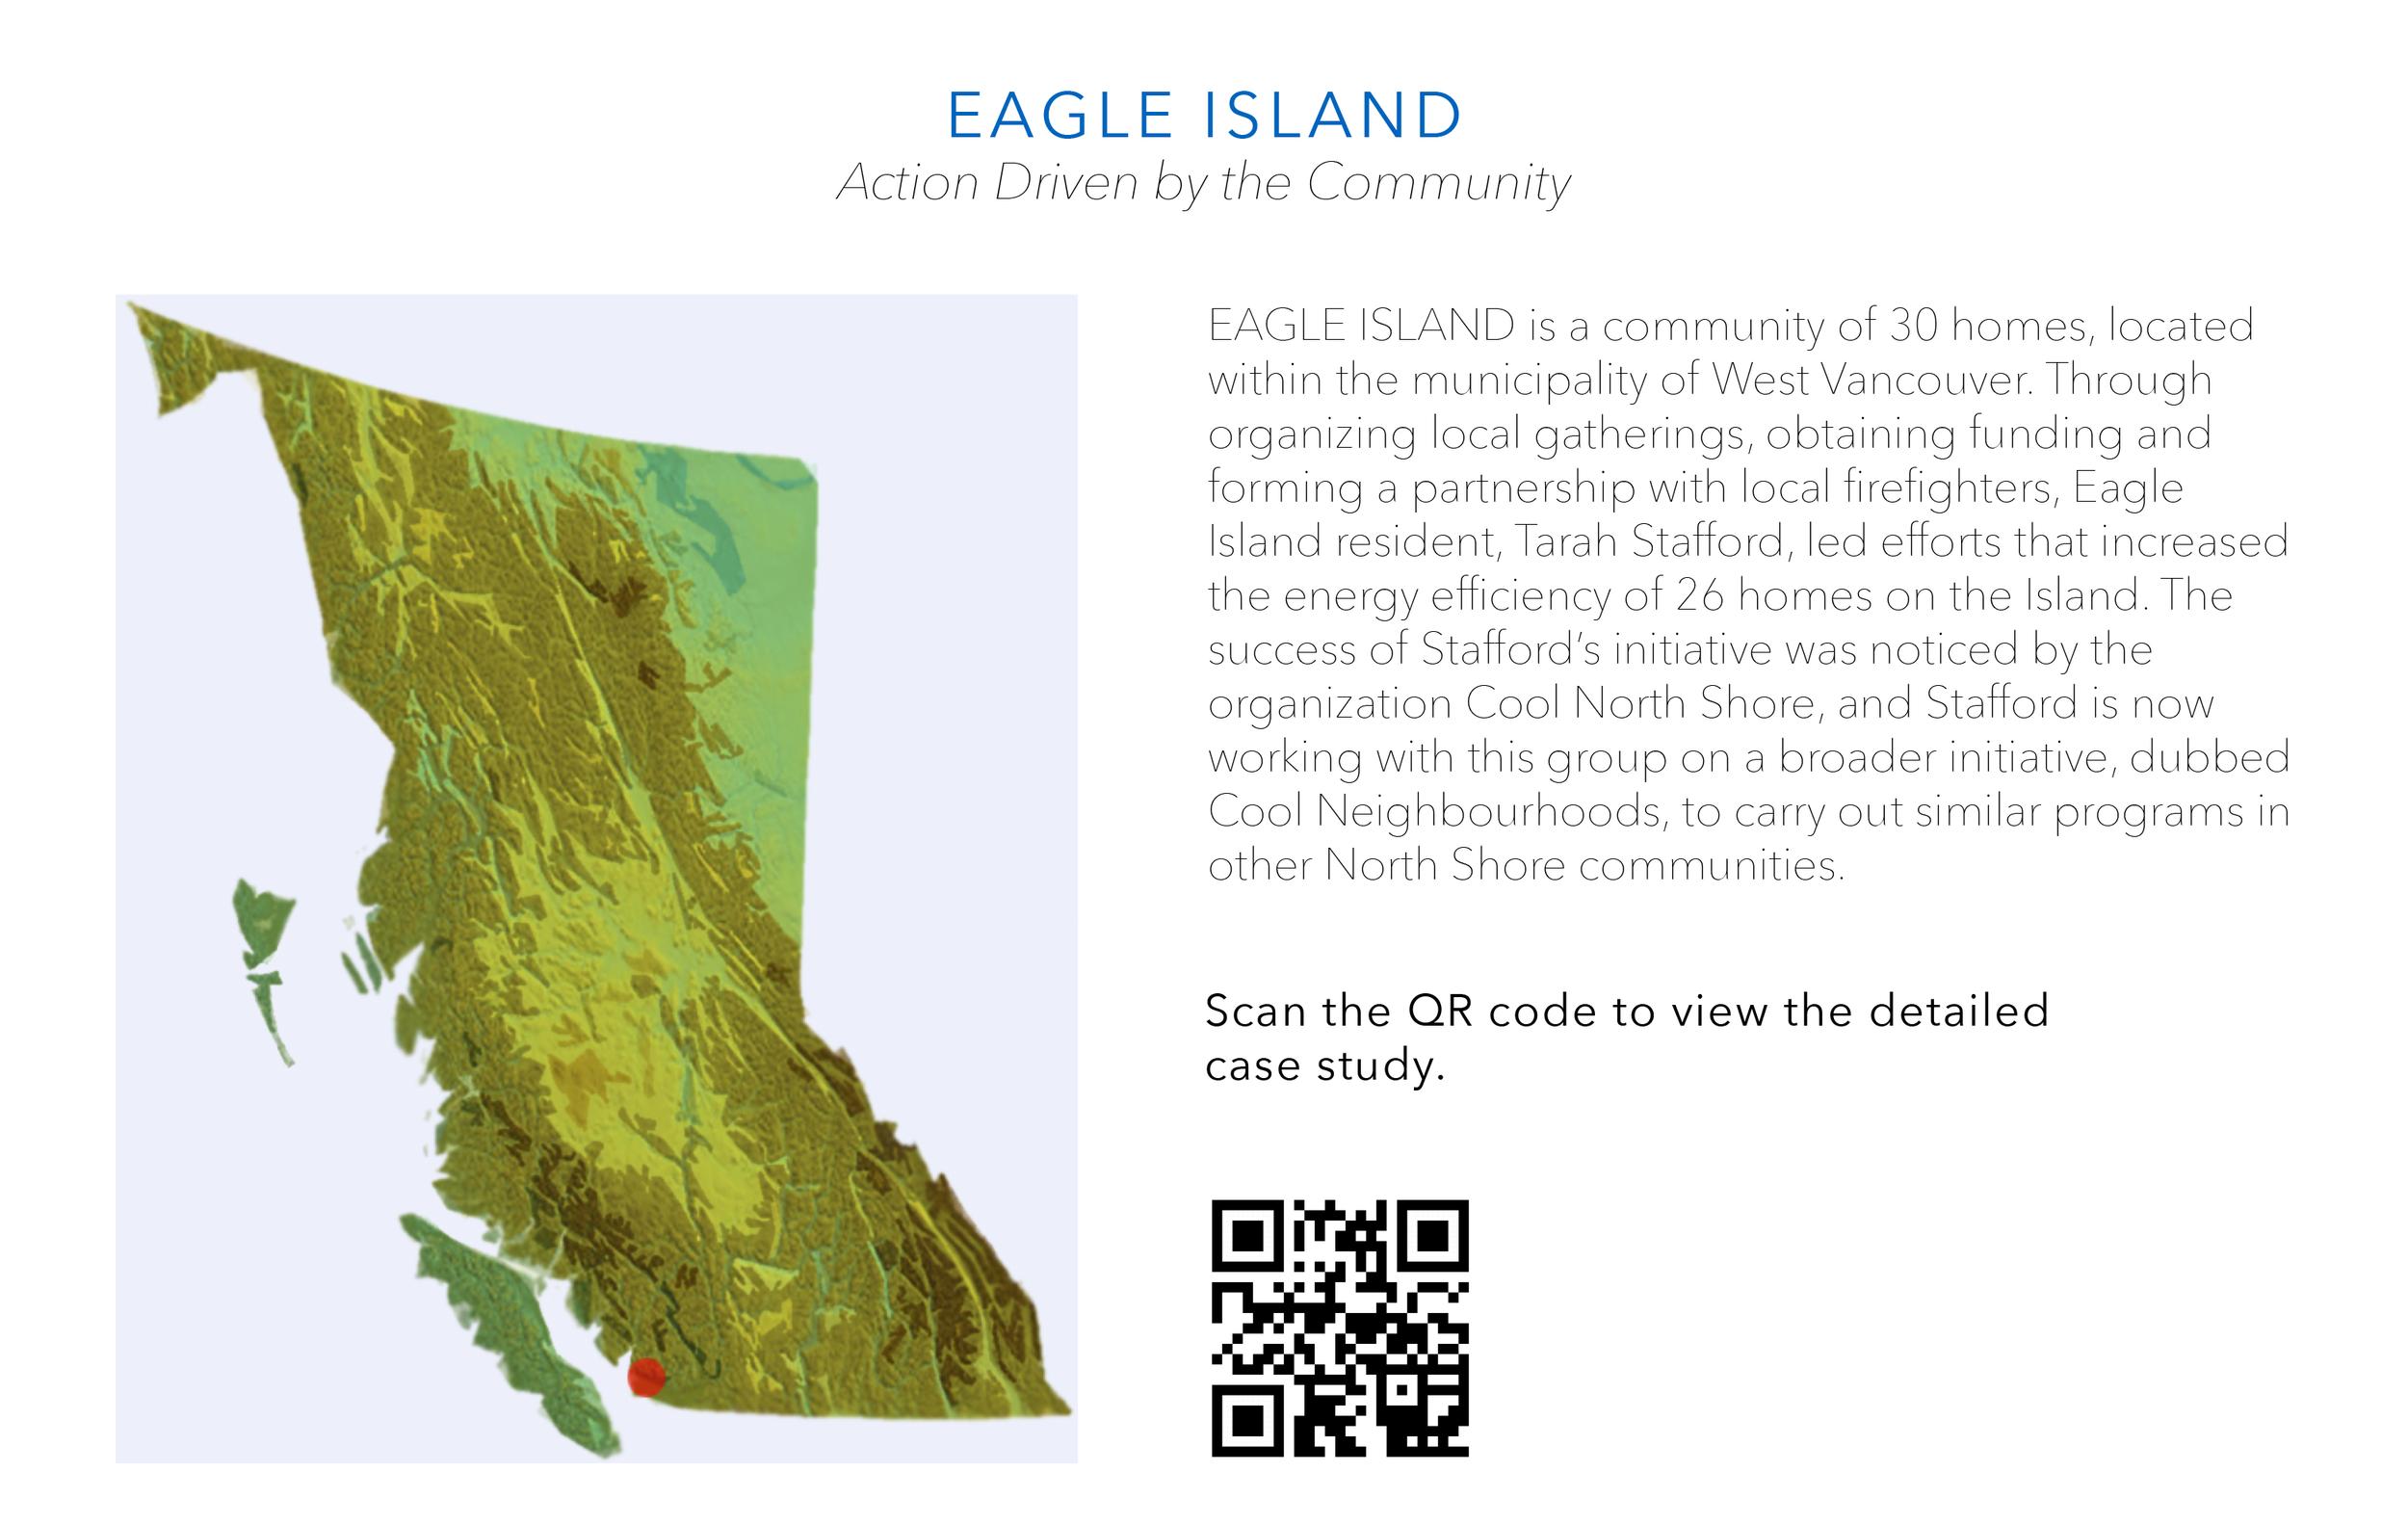 EagleIsland.png